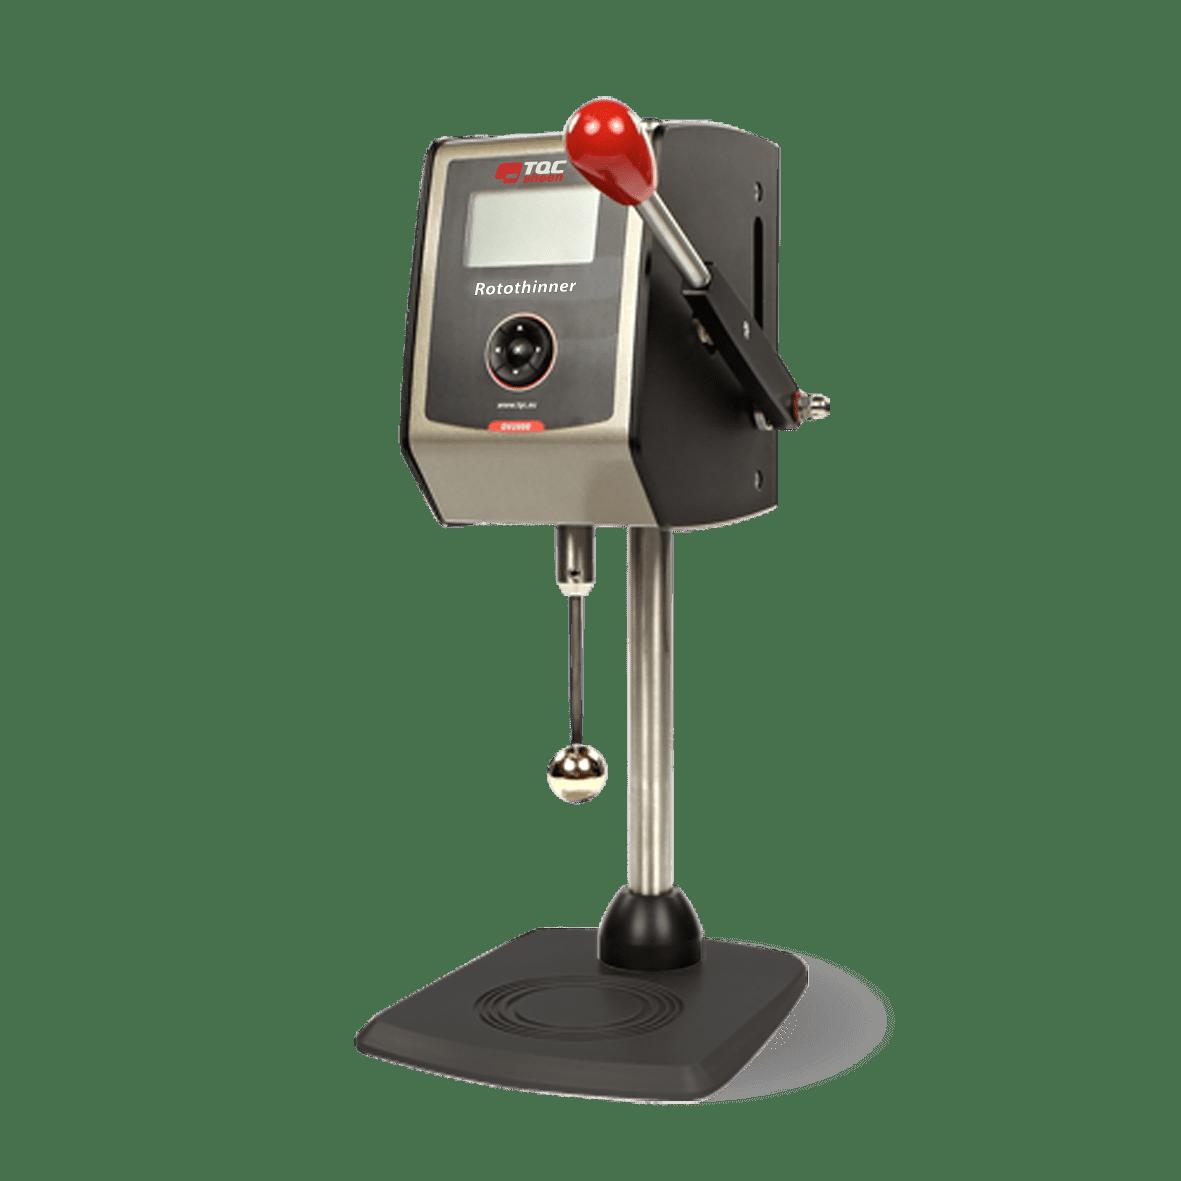 thiết bị kiểm tra độ nhớt rotothinner